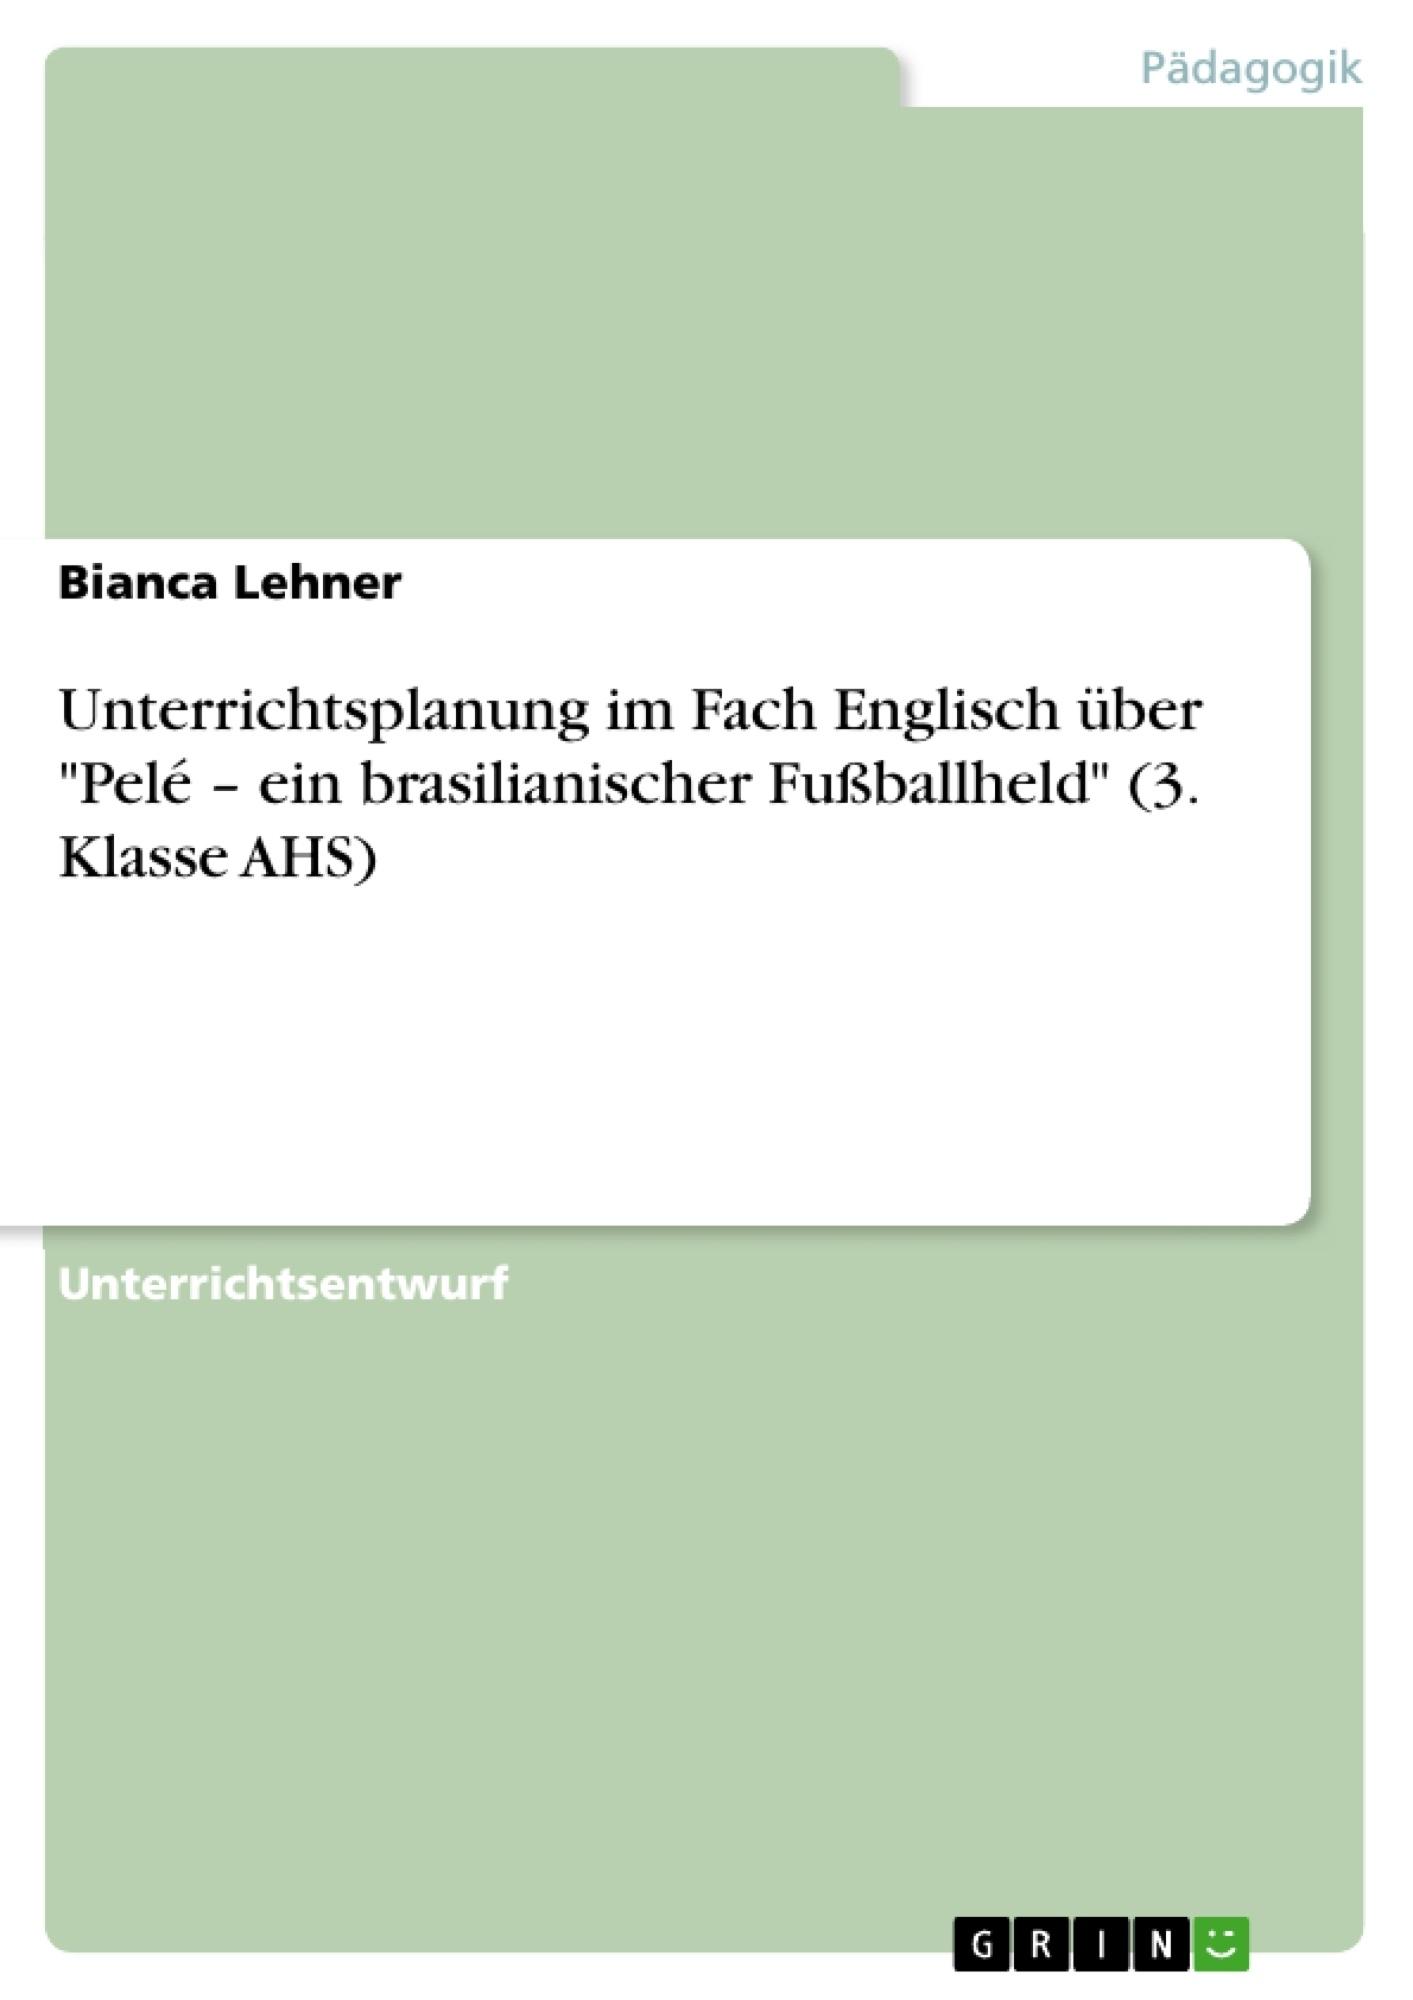 """Titel: Unterrichtsplanung im Fach Englisch über """"Pelé – ein brasilianischer Fußballheld"""" (3. Klasse AHS)"""